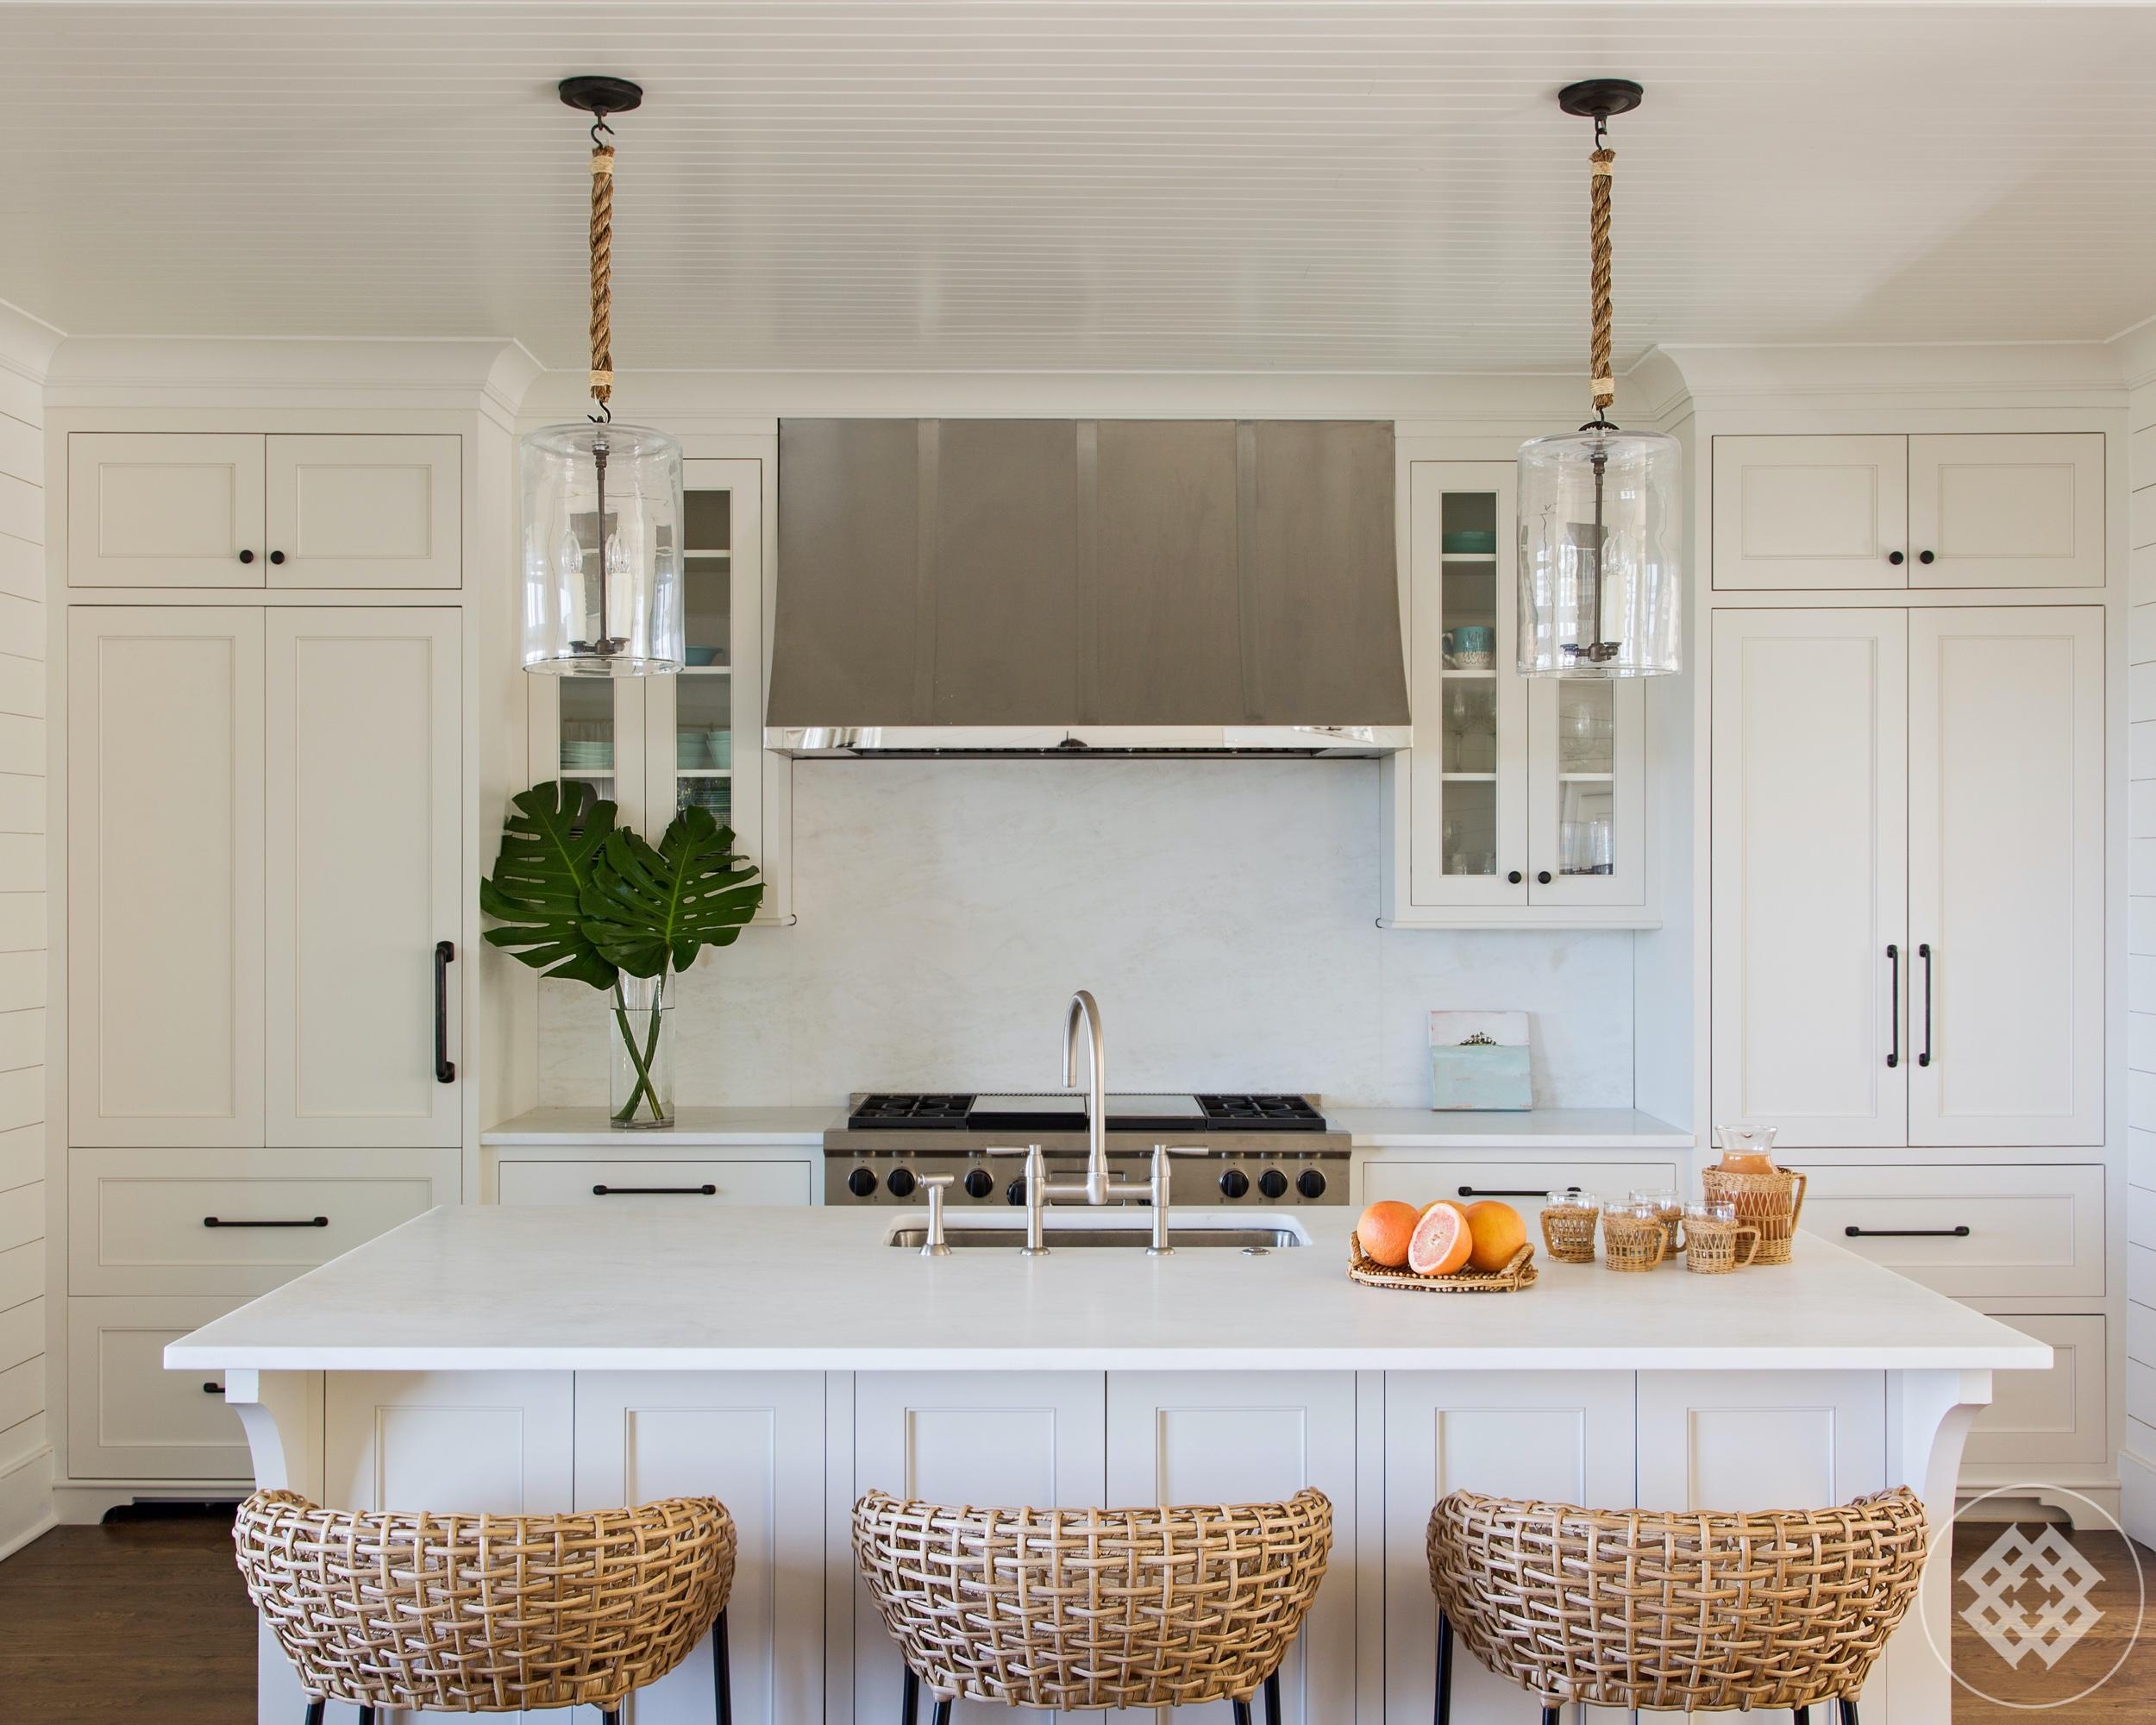 hss-kitchen-white-namib-countertop-hand-blown-glass-pendants.jpg